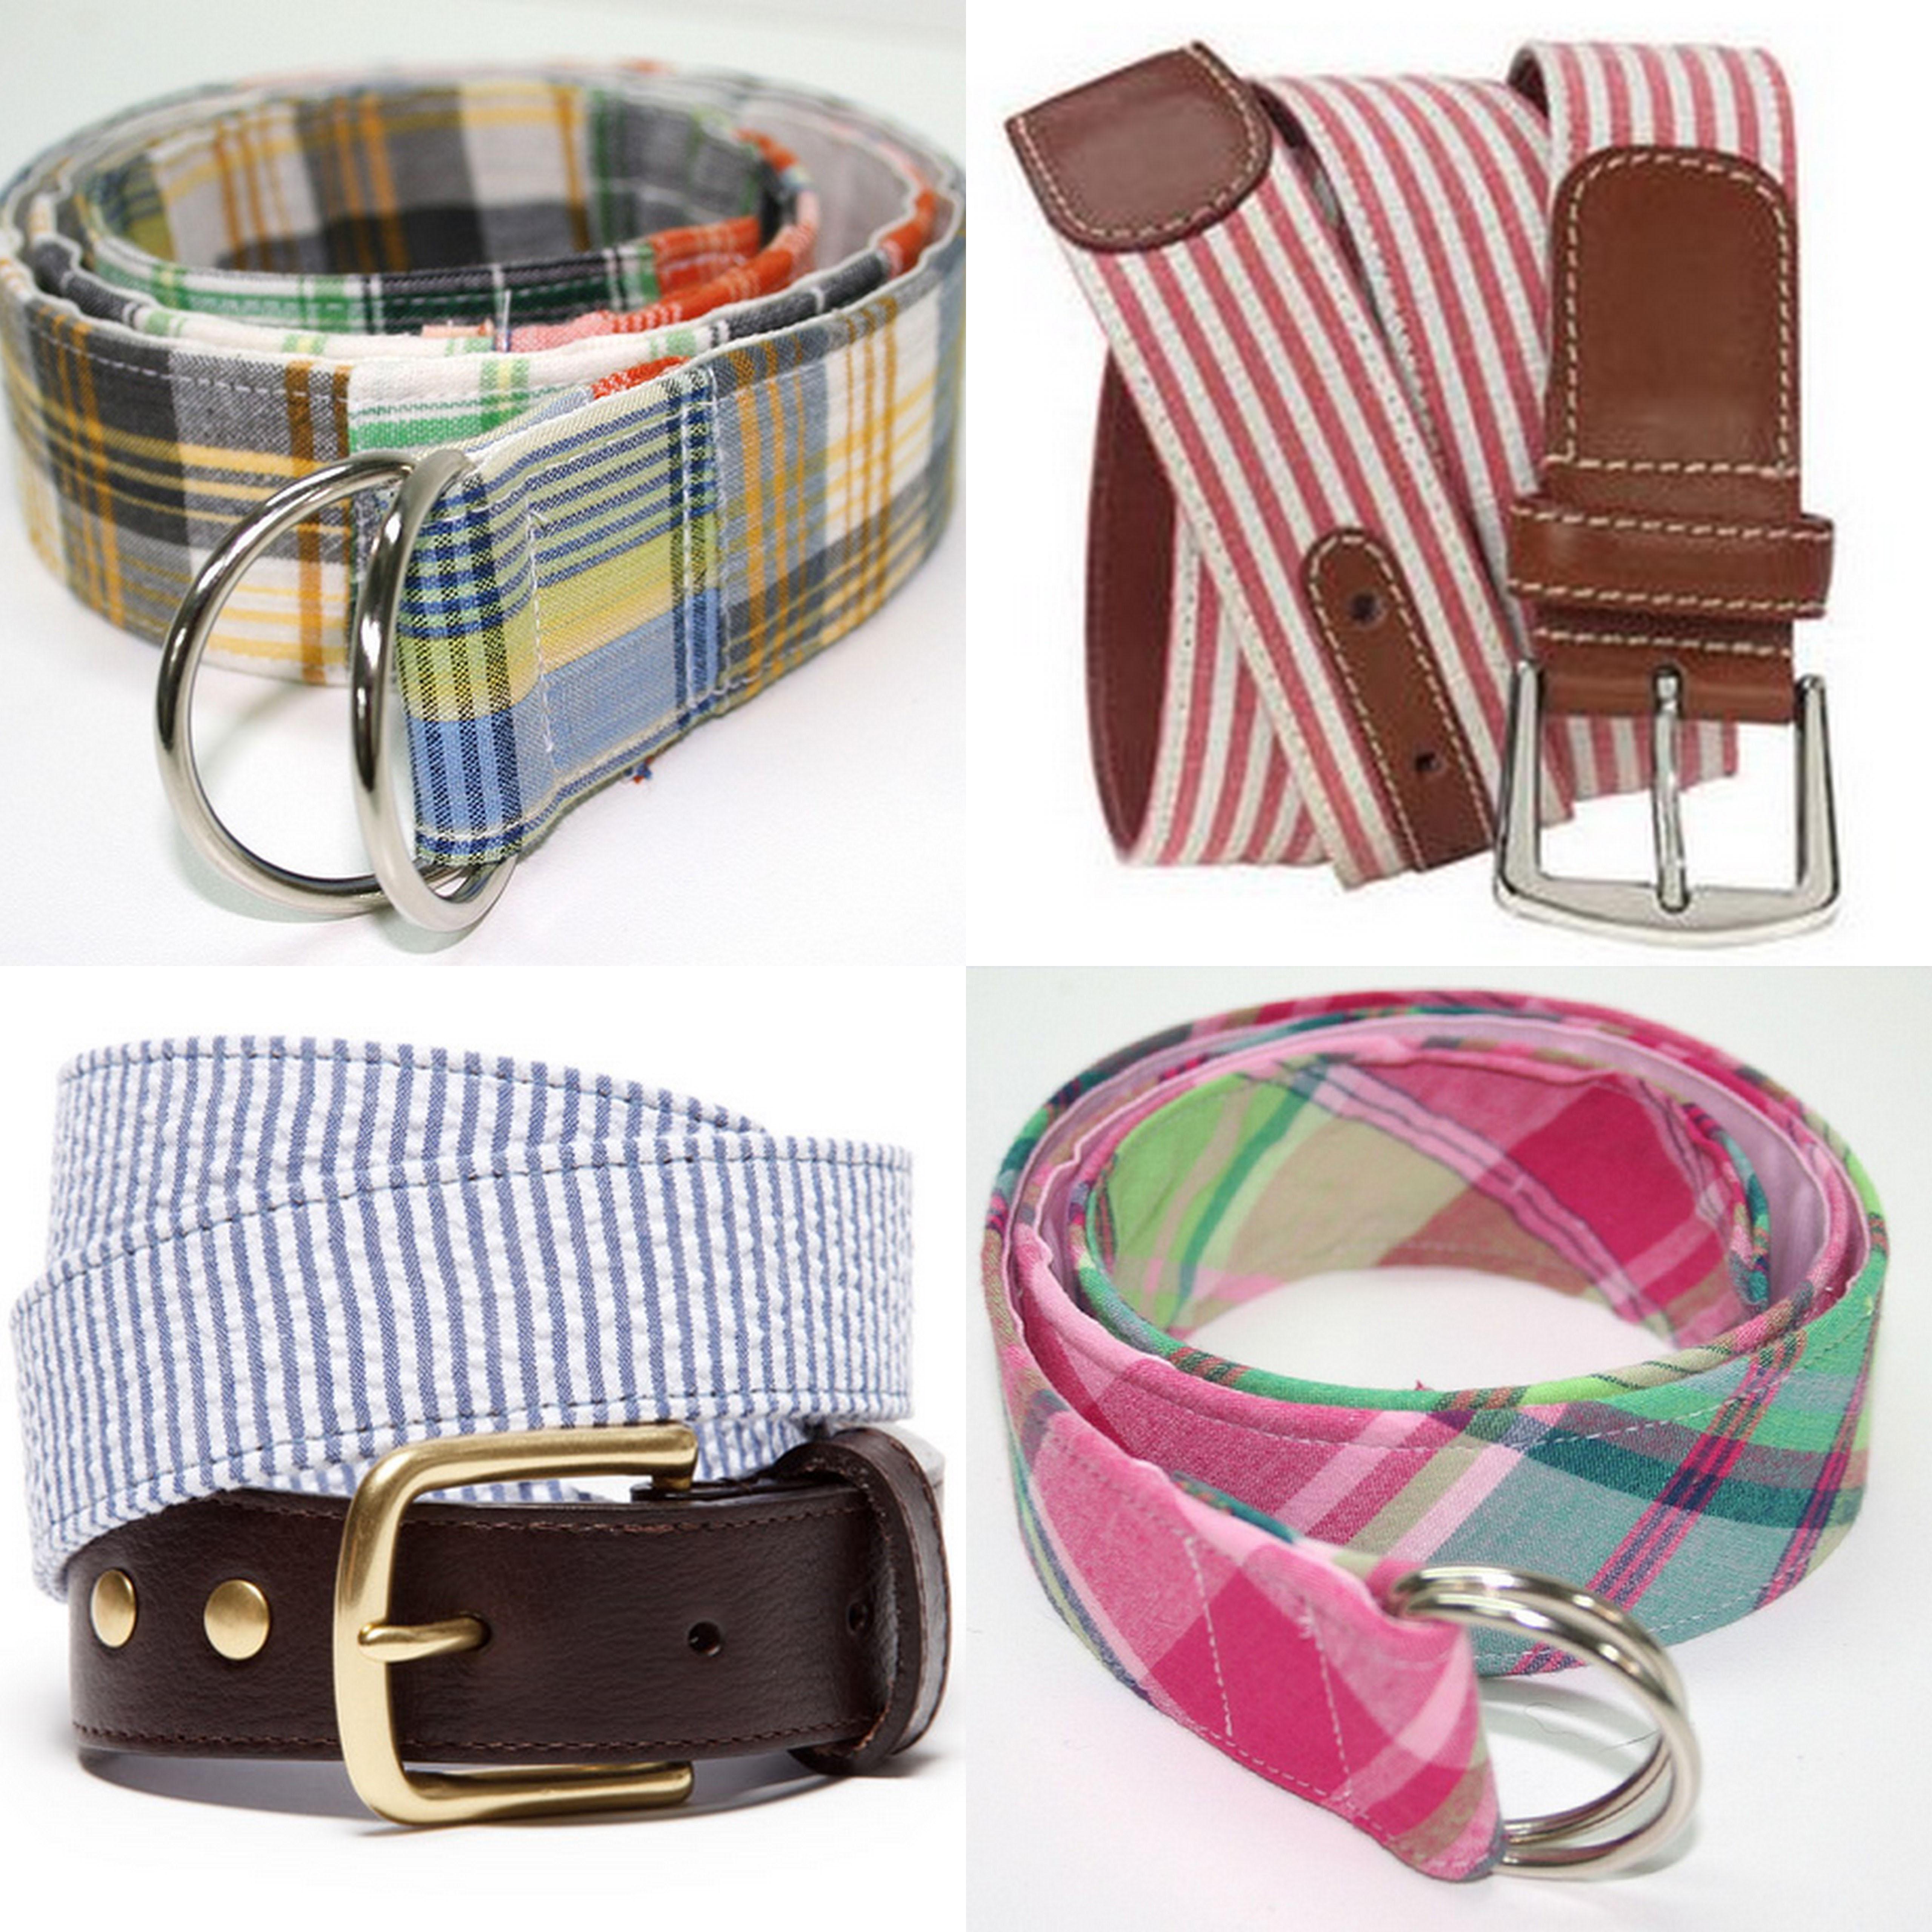 Coastal Preppy fabrics in belts